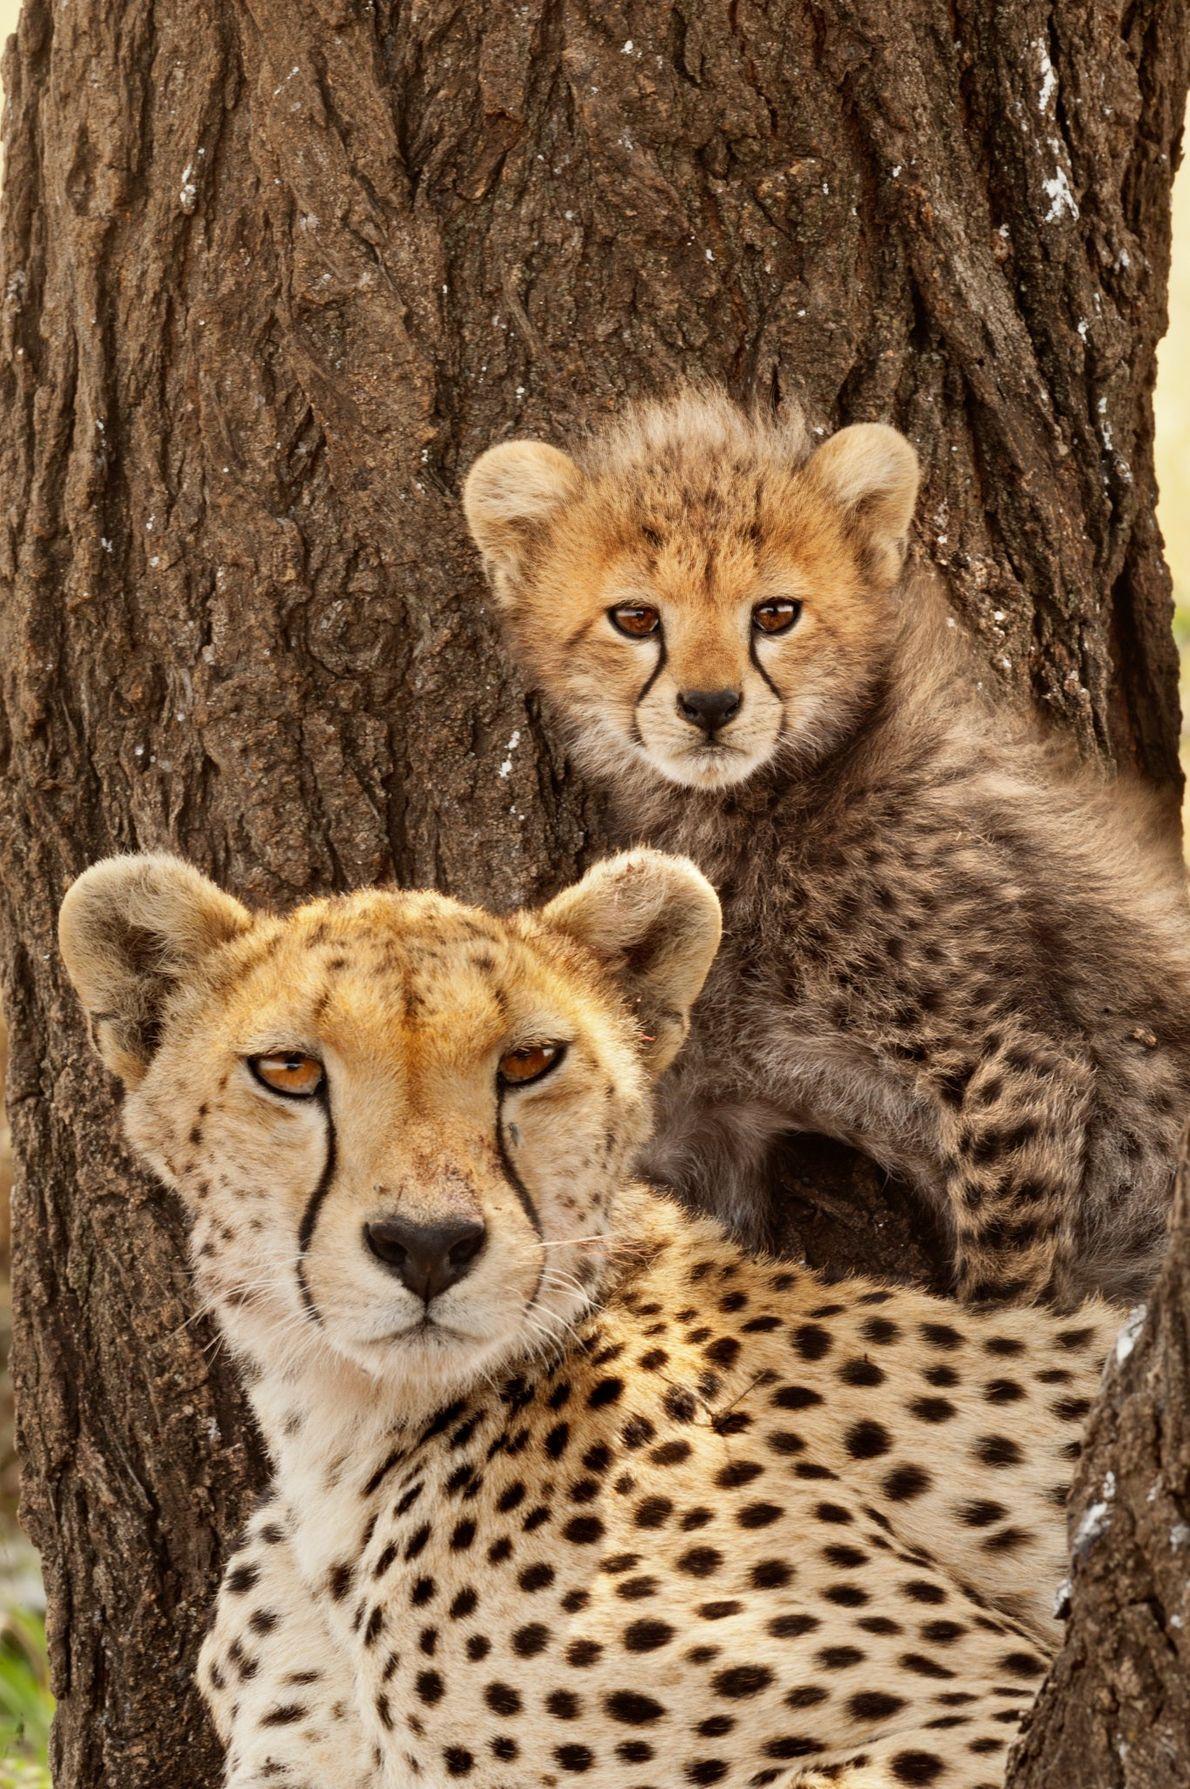 Auf den Grasebenen der Serengeti in Tansania ruhen diese Gepardenmutter und ihr Junges im Schatten.